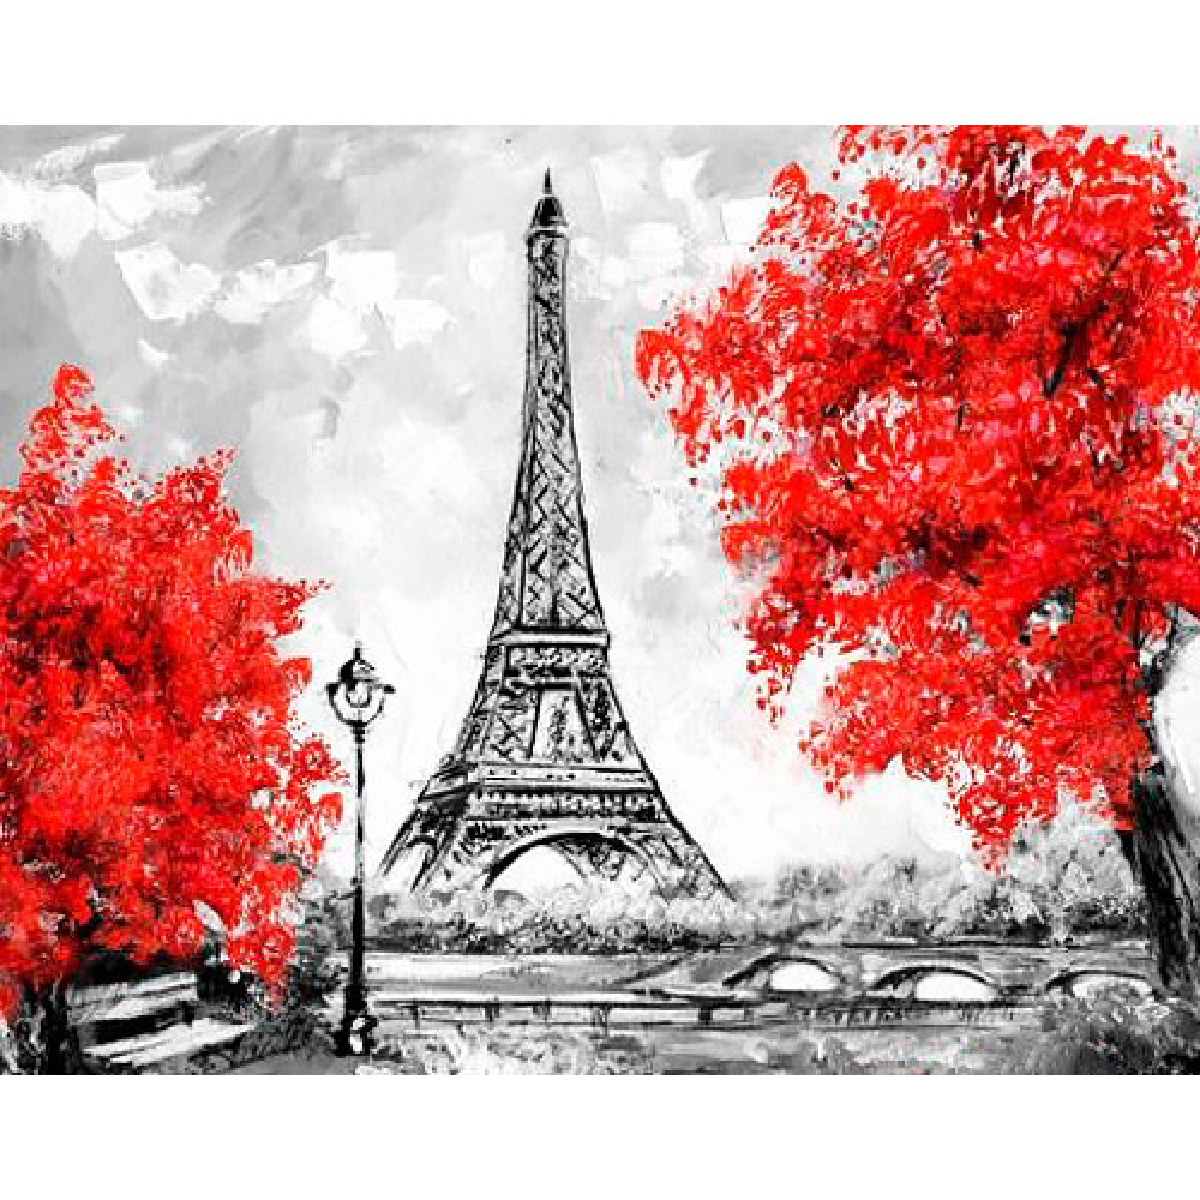 Ag 2314 Набор д/изготовления картин со стразами 'Парижские виды' 48*38см Гранни